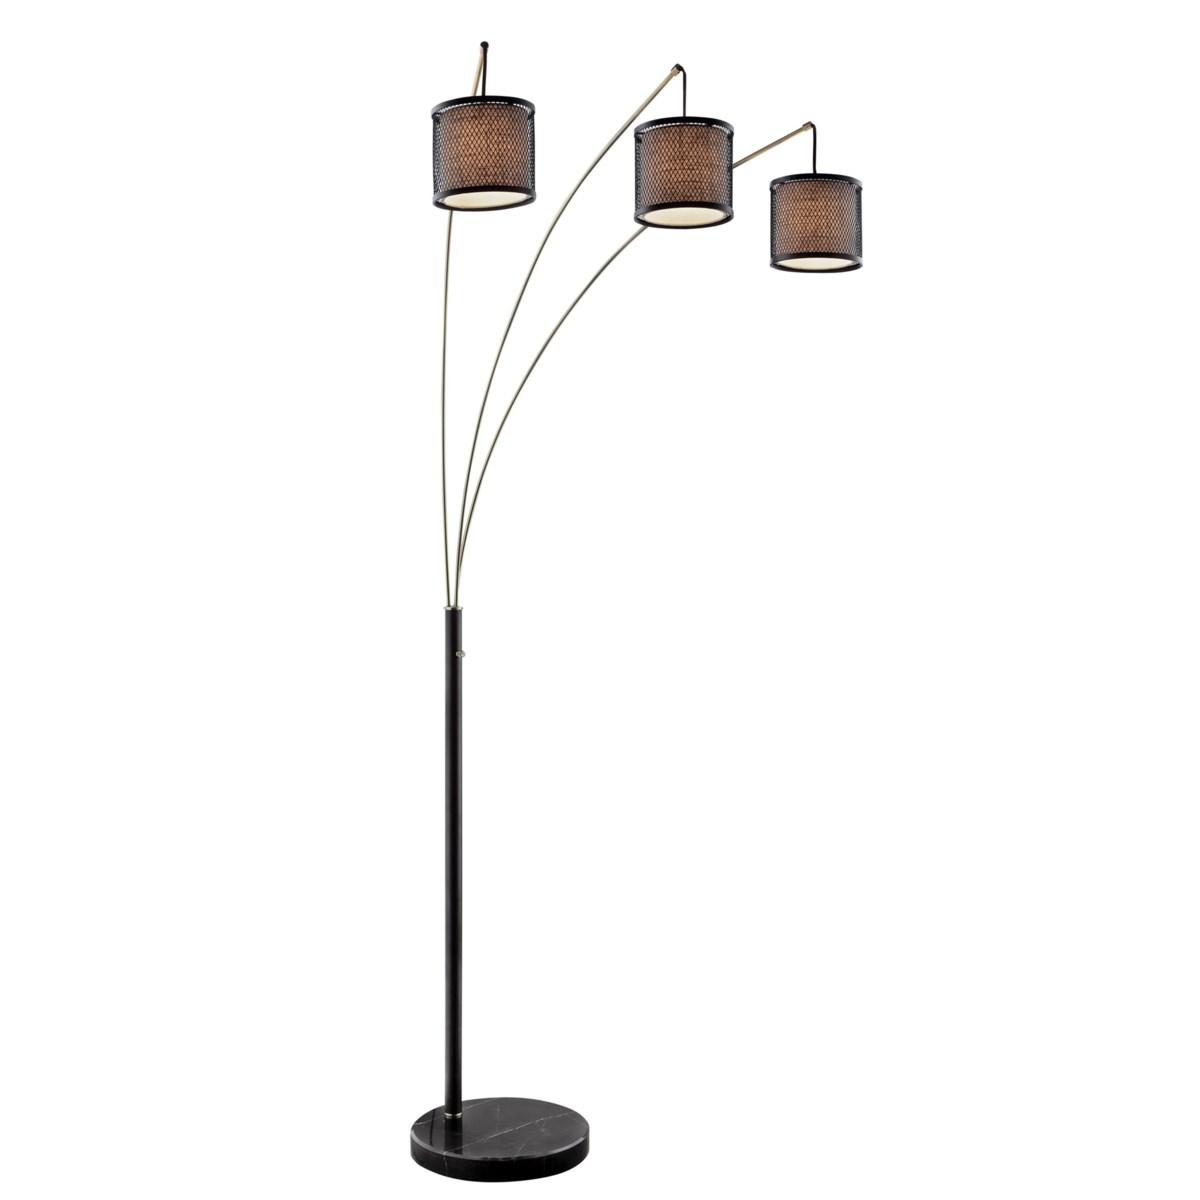 ELENA ARC LAMPS